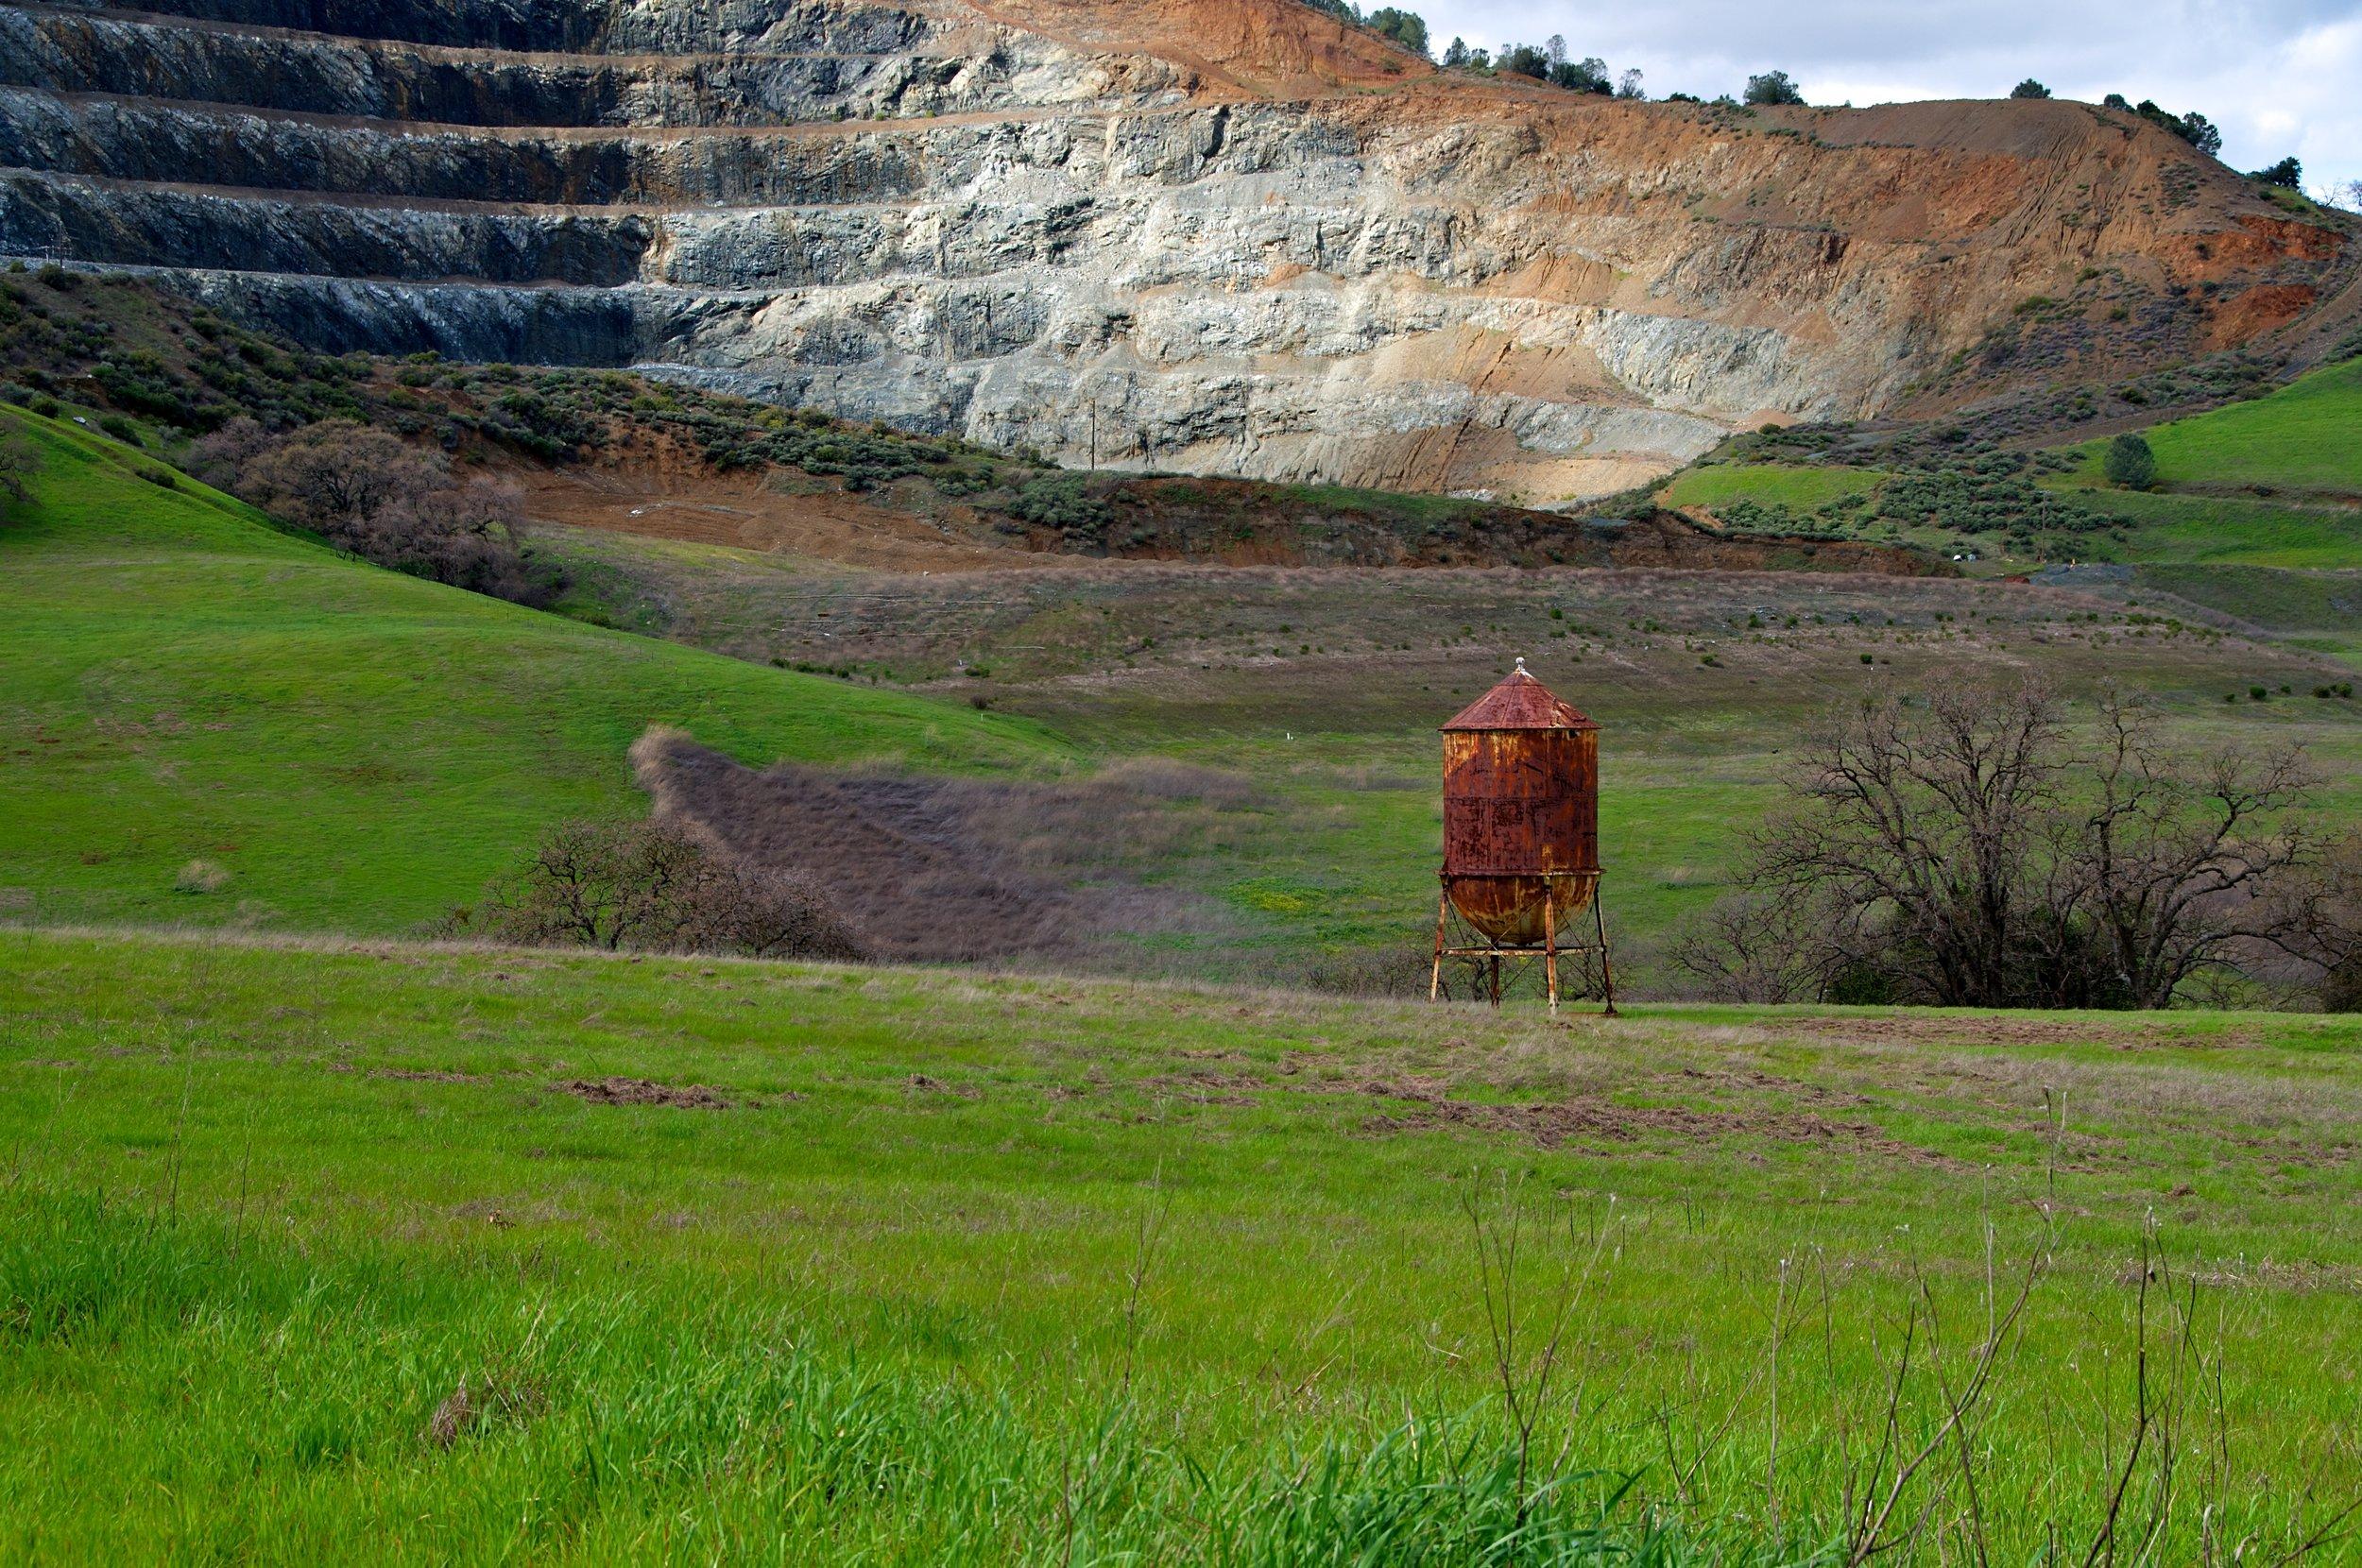 Mt. Diablo Hike 2_12_2011 - 2011-02-21 at 13-25-55.jpg